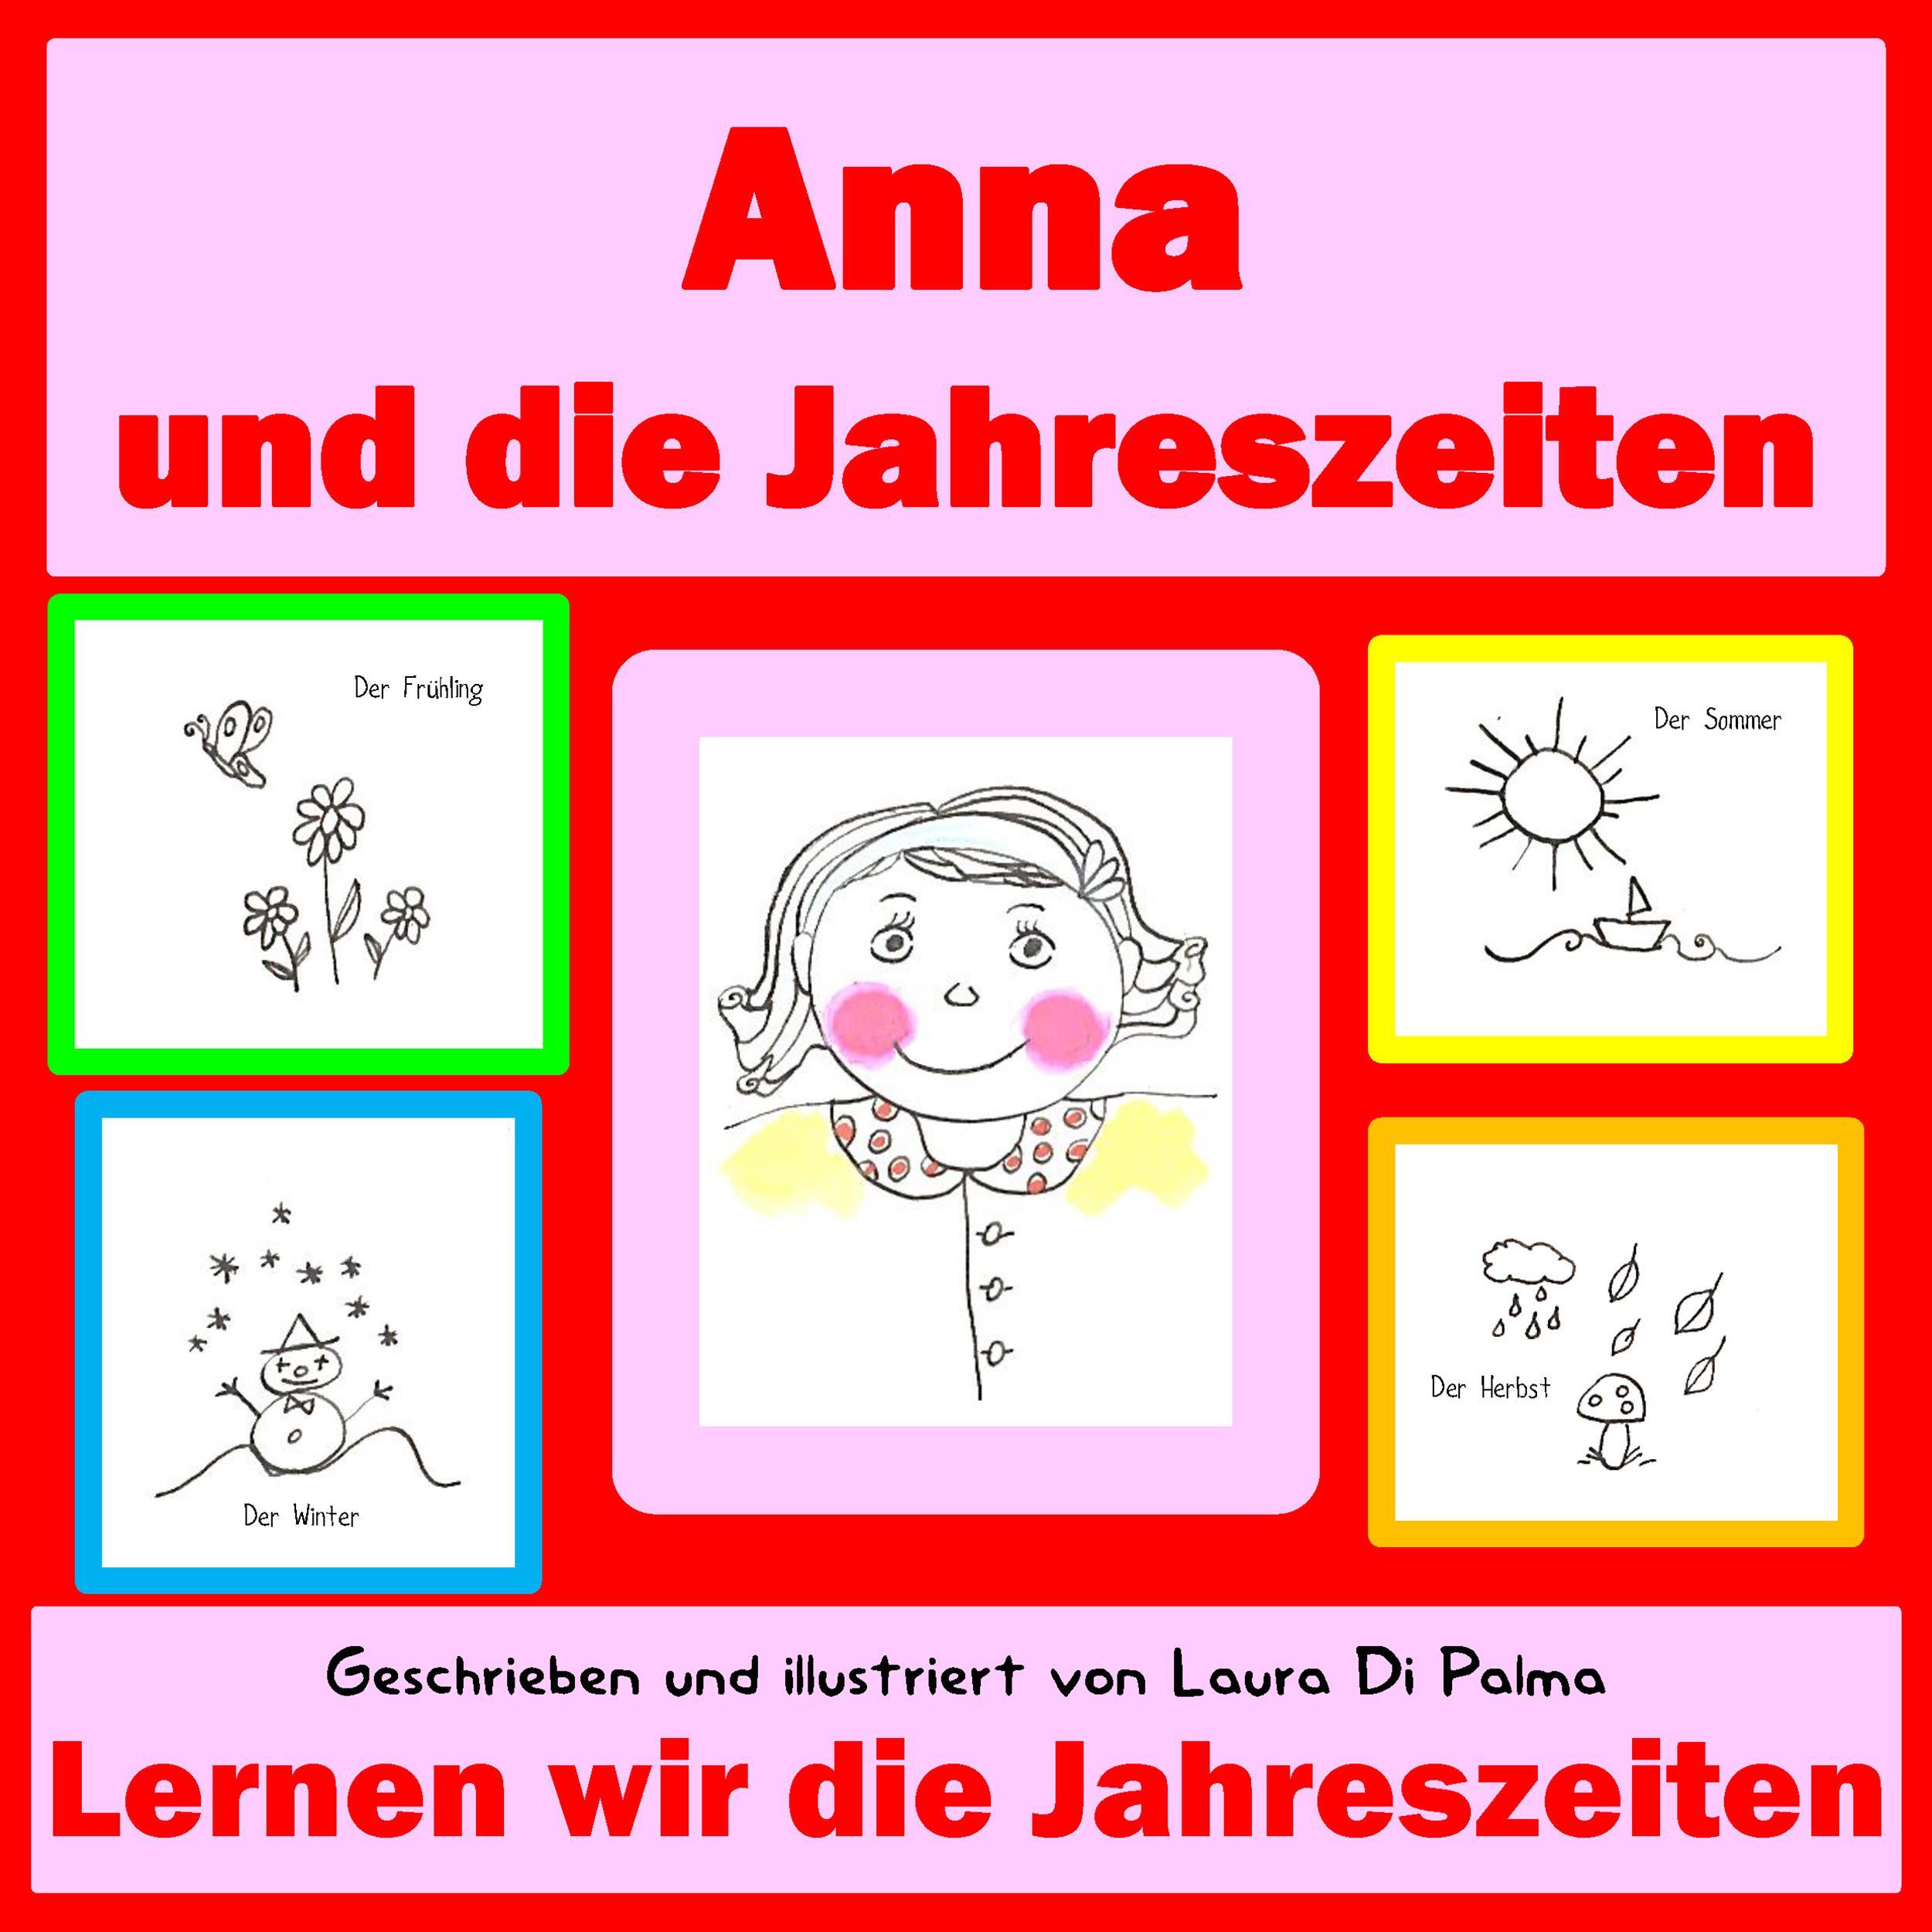 Anna und die Jahreszeiten